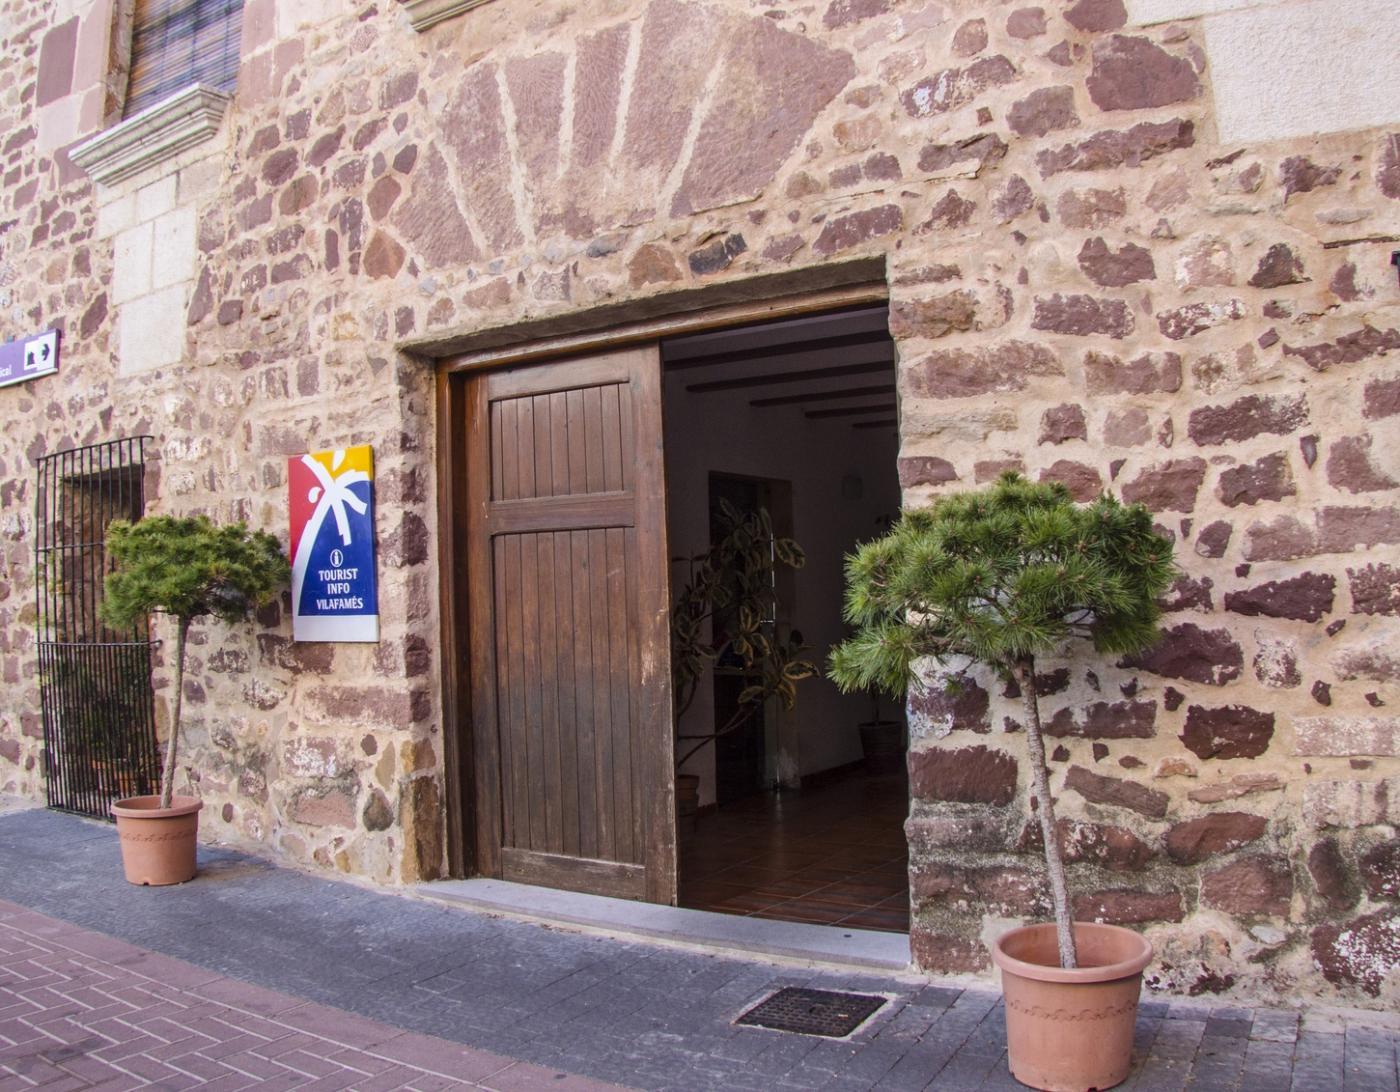 Oficina de turismo villafam s for Oficina de turismo munich